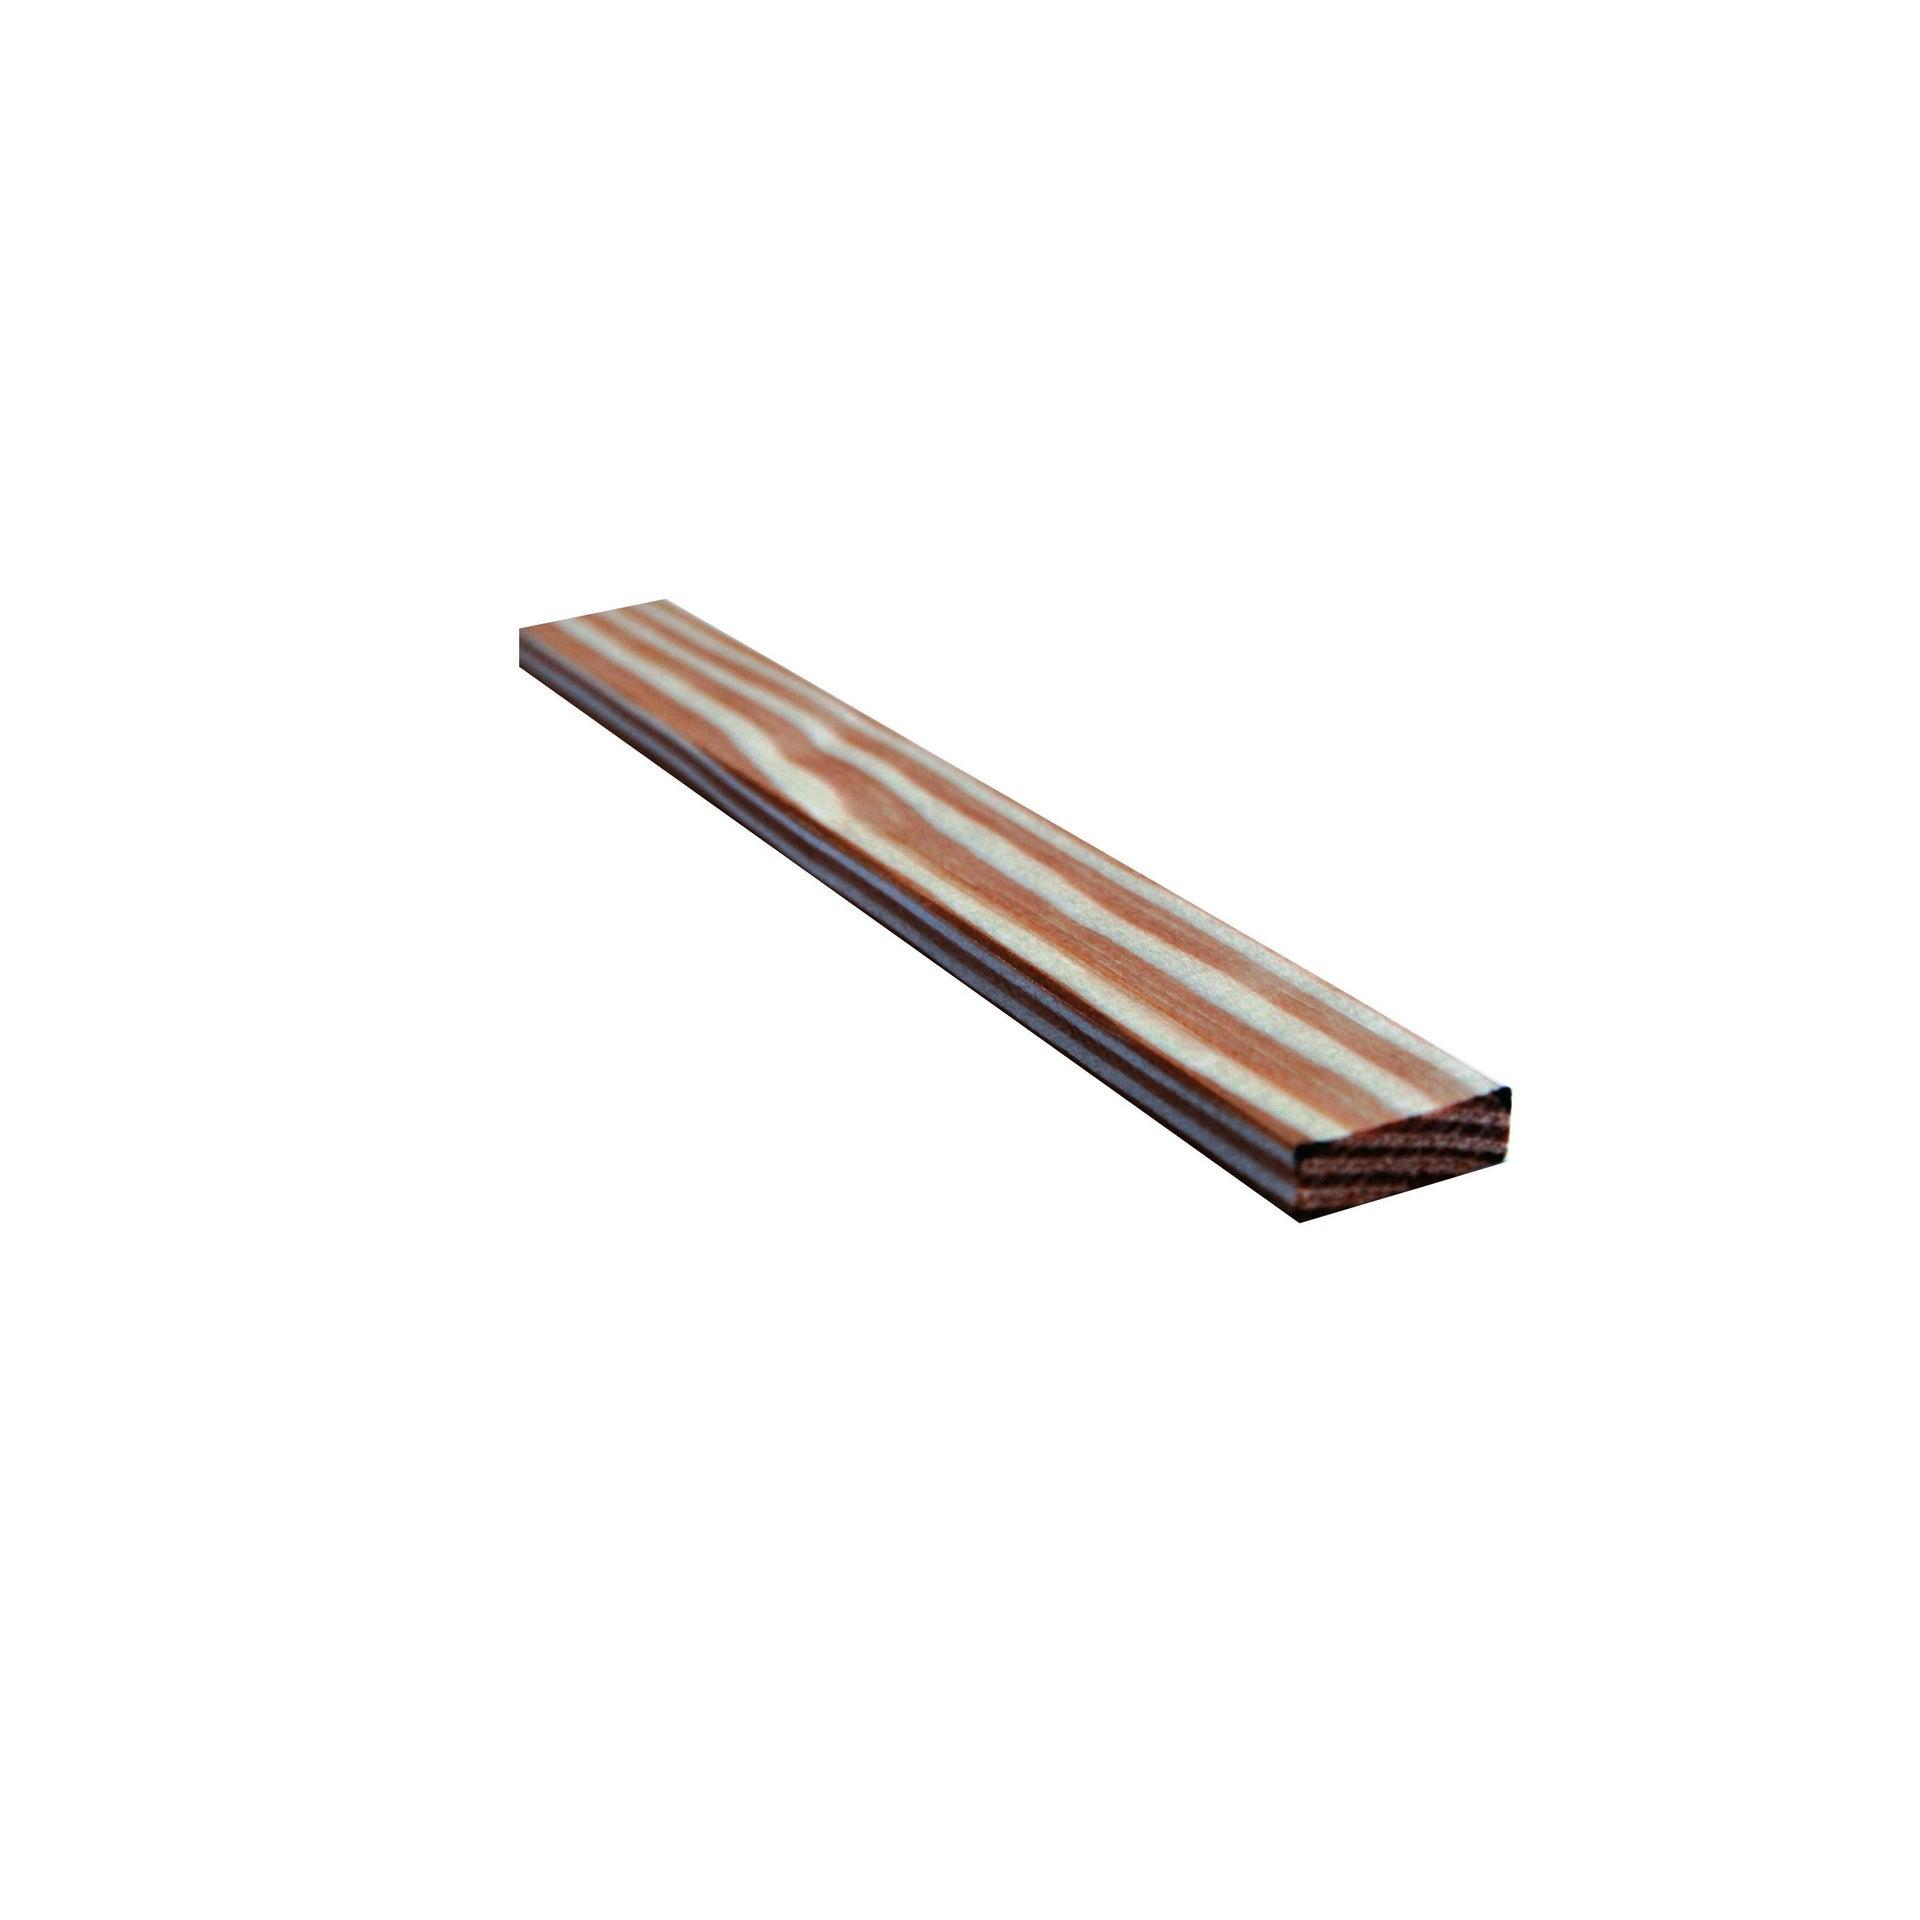 Listello piallato pino 2.1 m x 30 mm, Sp 10 mm